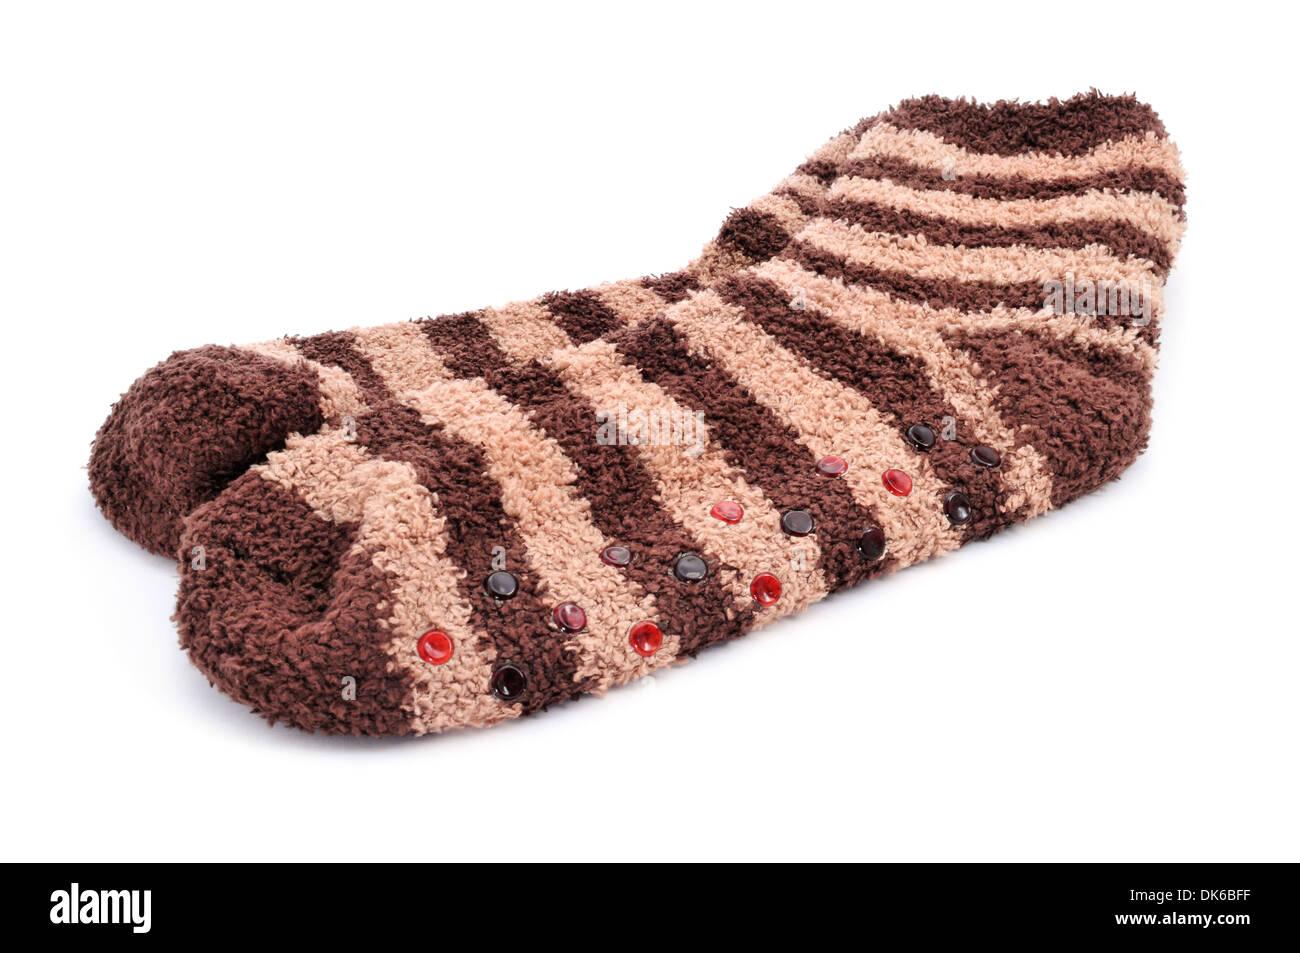 Une paire de chaussettes antidérapantes rayé sur fond blanc Photo Stock